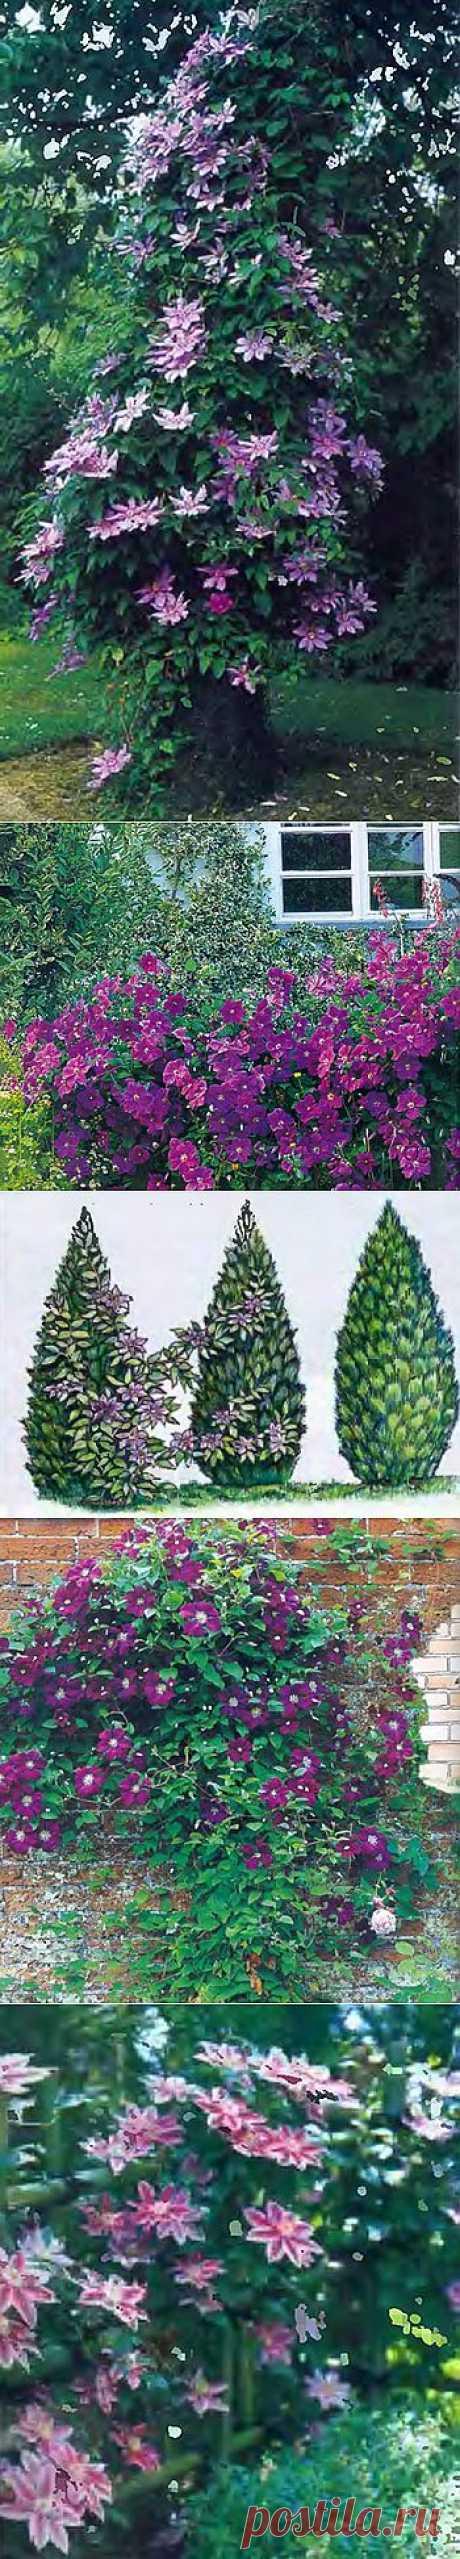 Сорта клематиса для сада   Какие опоры любит этот чудесный цветок   Дачный дизайн